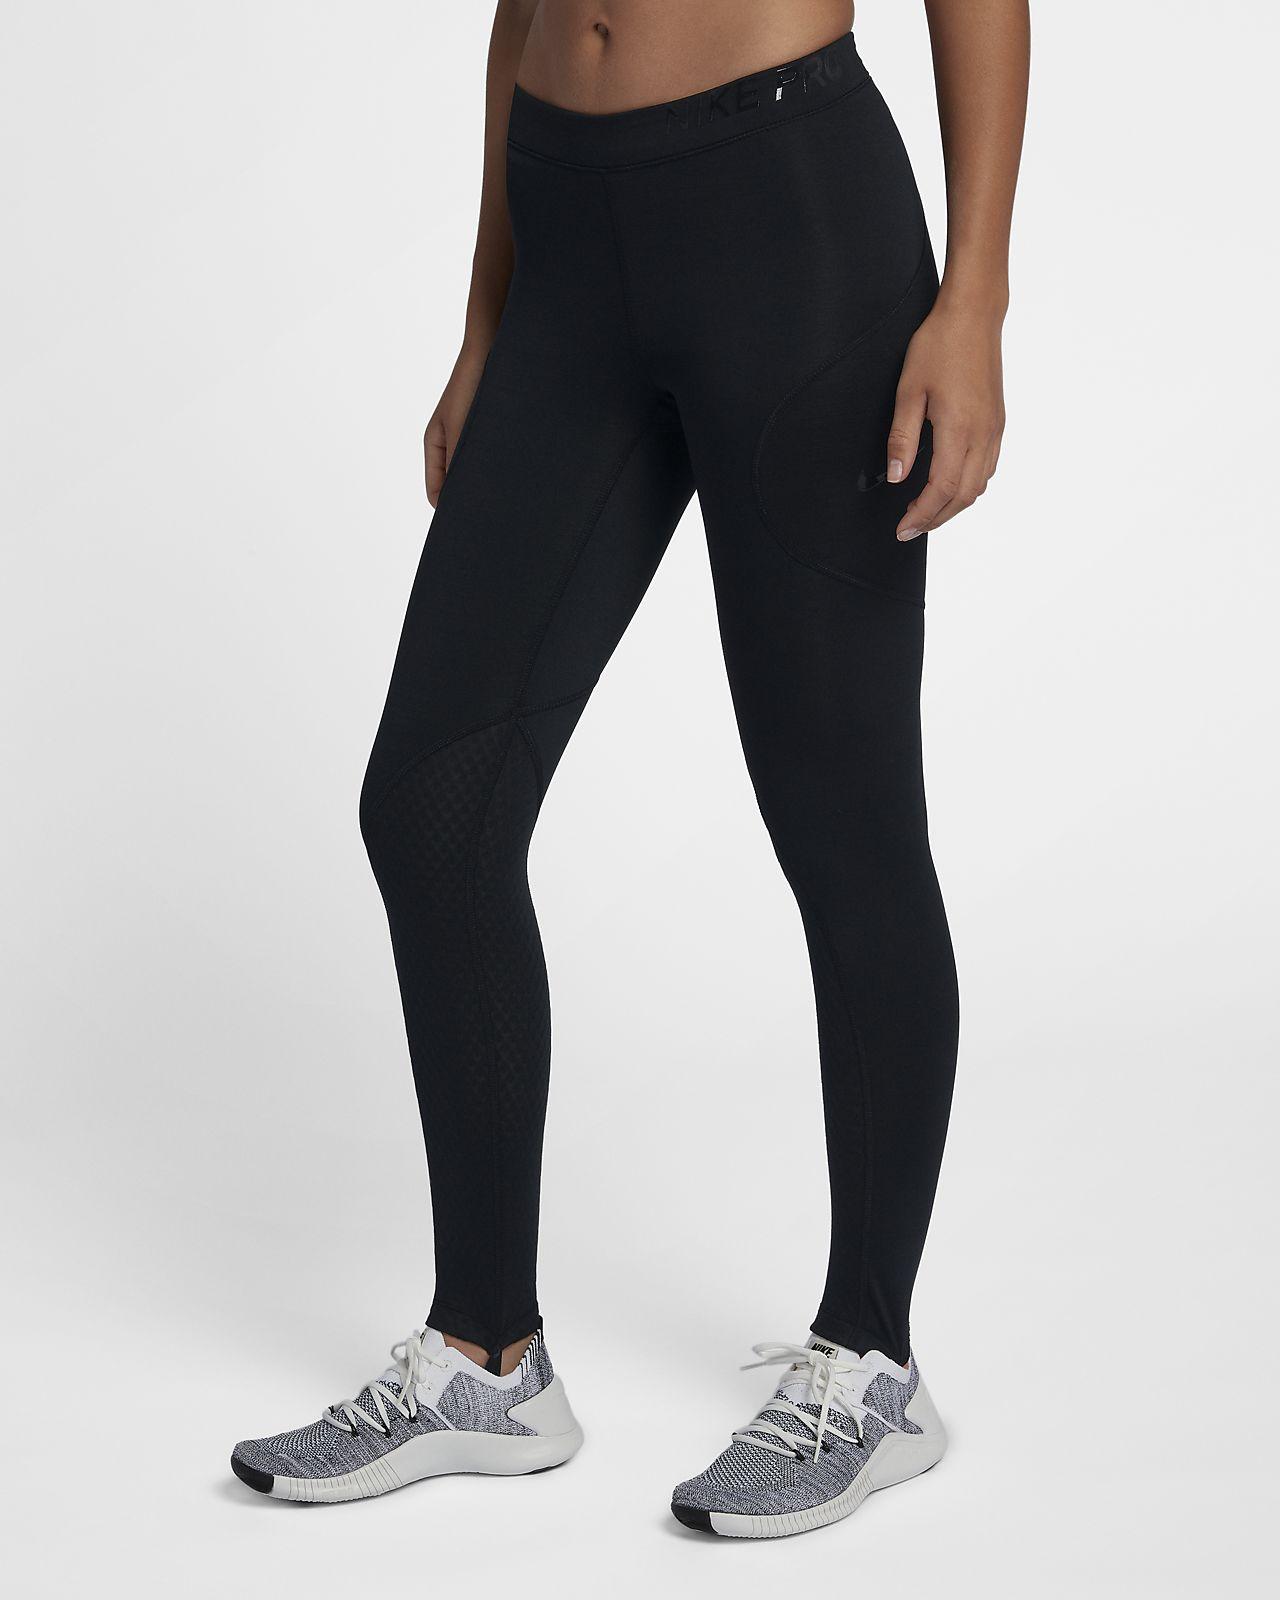 Dámské legíny Nike Pro HyperWarm